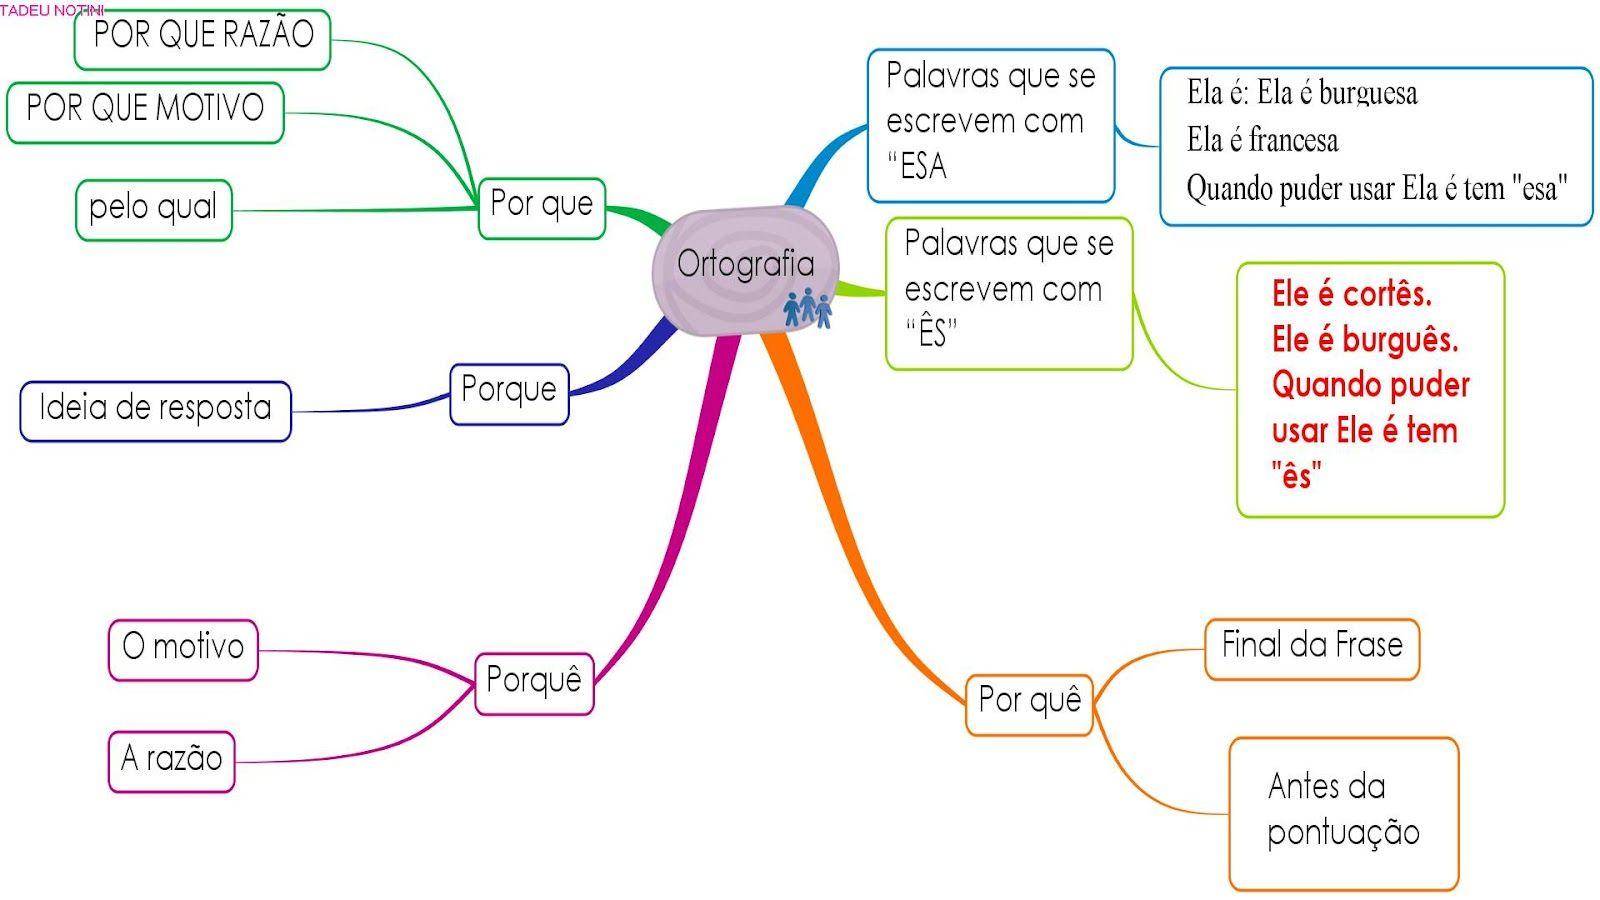 Material de apoio ao estudante: Mapas mentais | Mapa